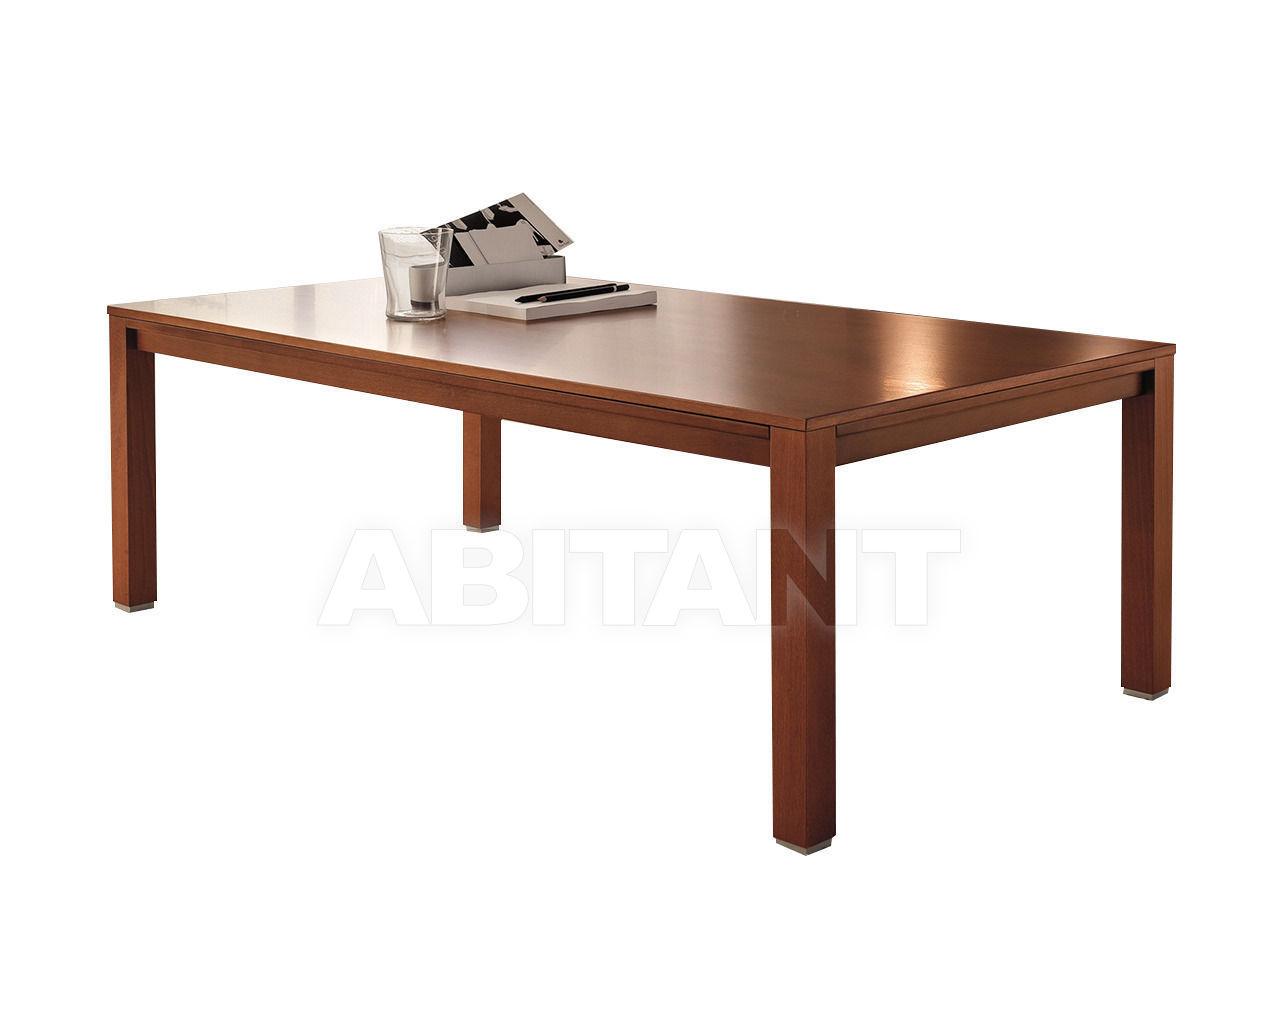 Купить Столик журнальный Tonin Casa Bianca 6996 top V55